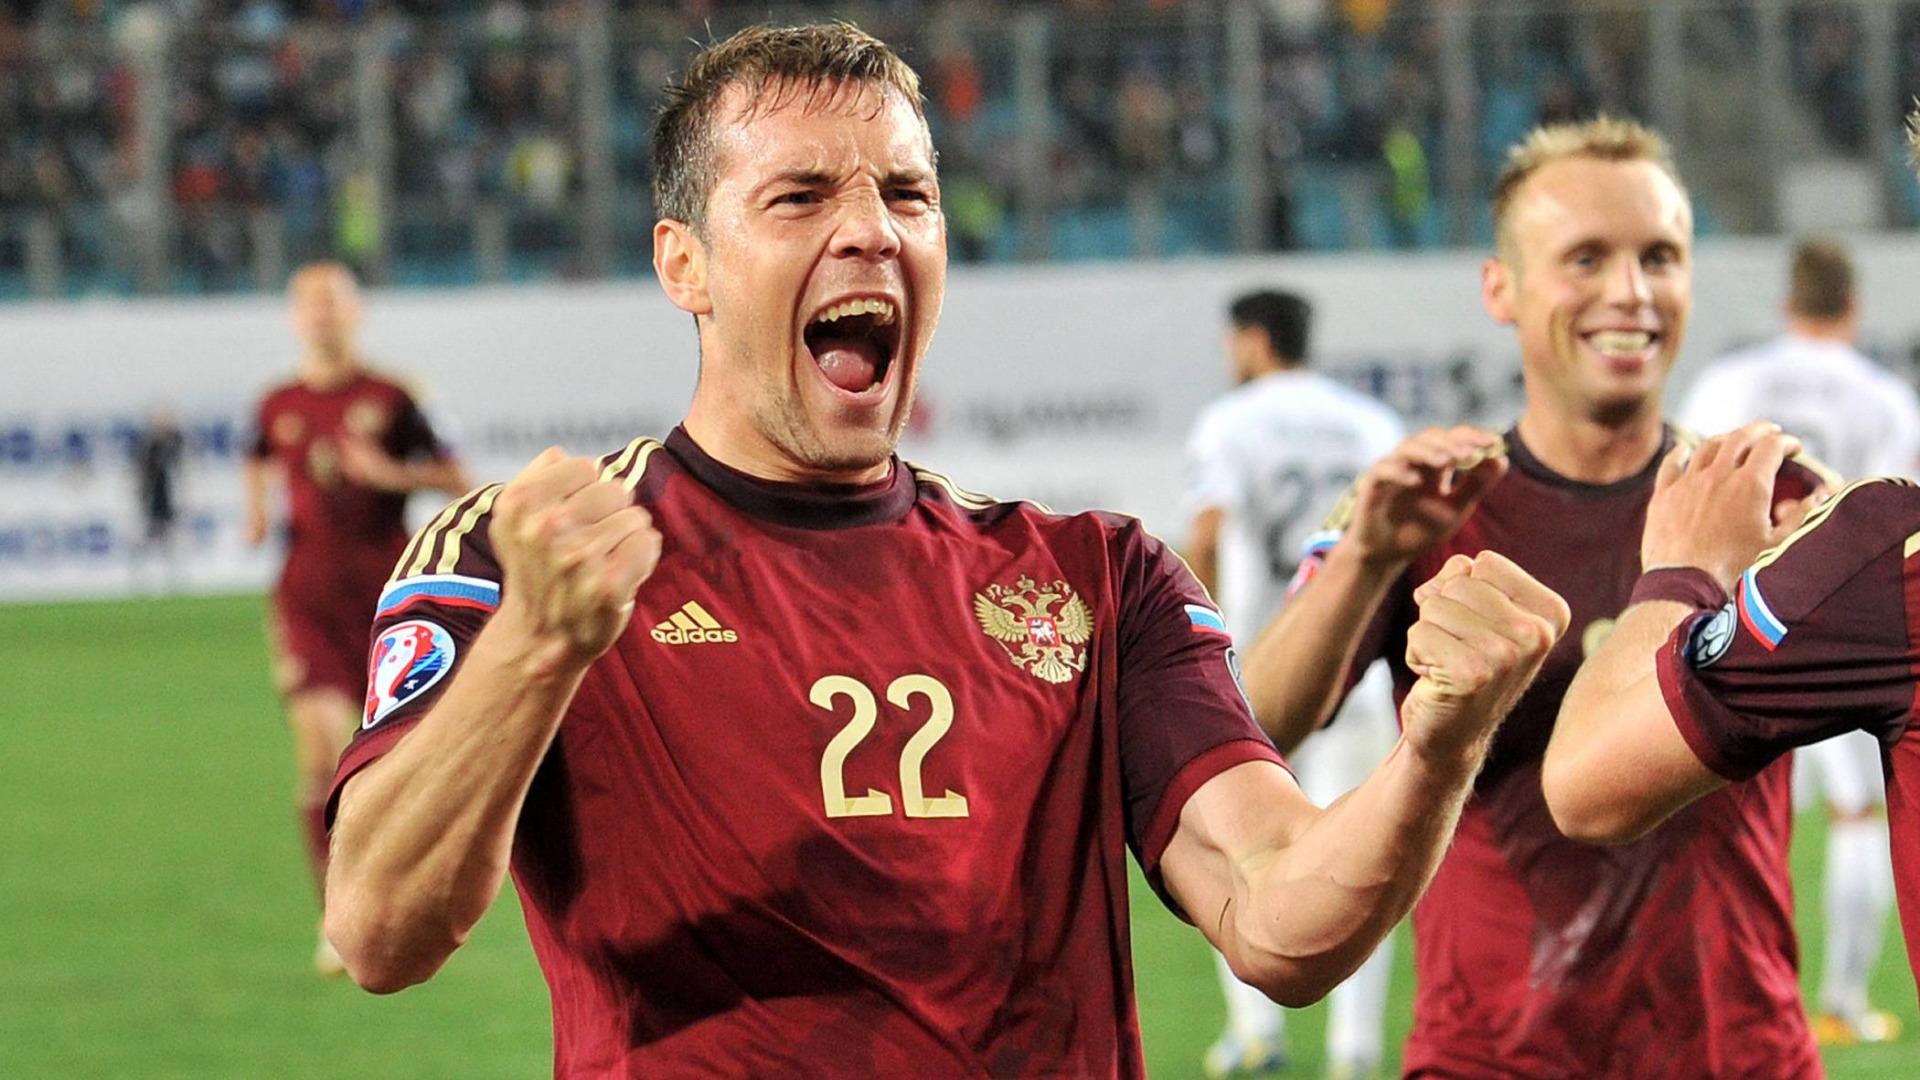 Отвязная групповуха с футболистами сборной России